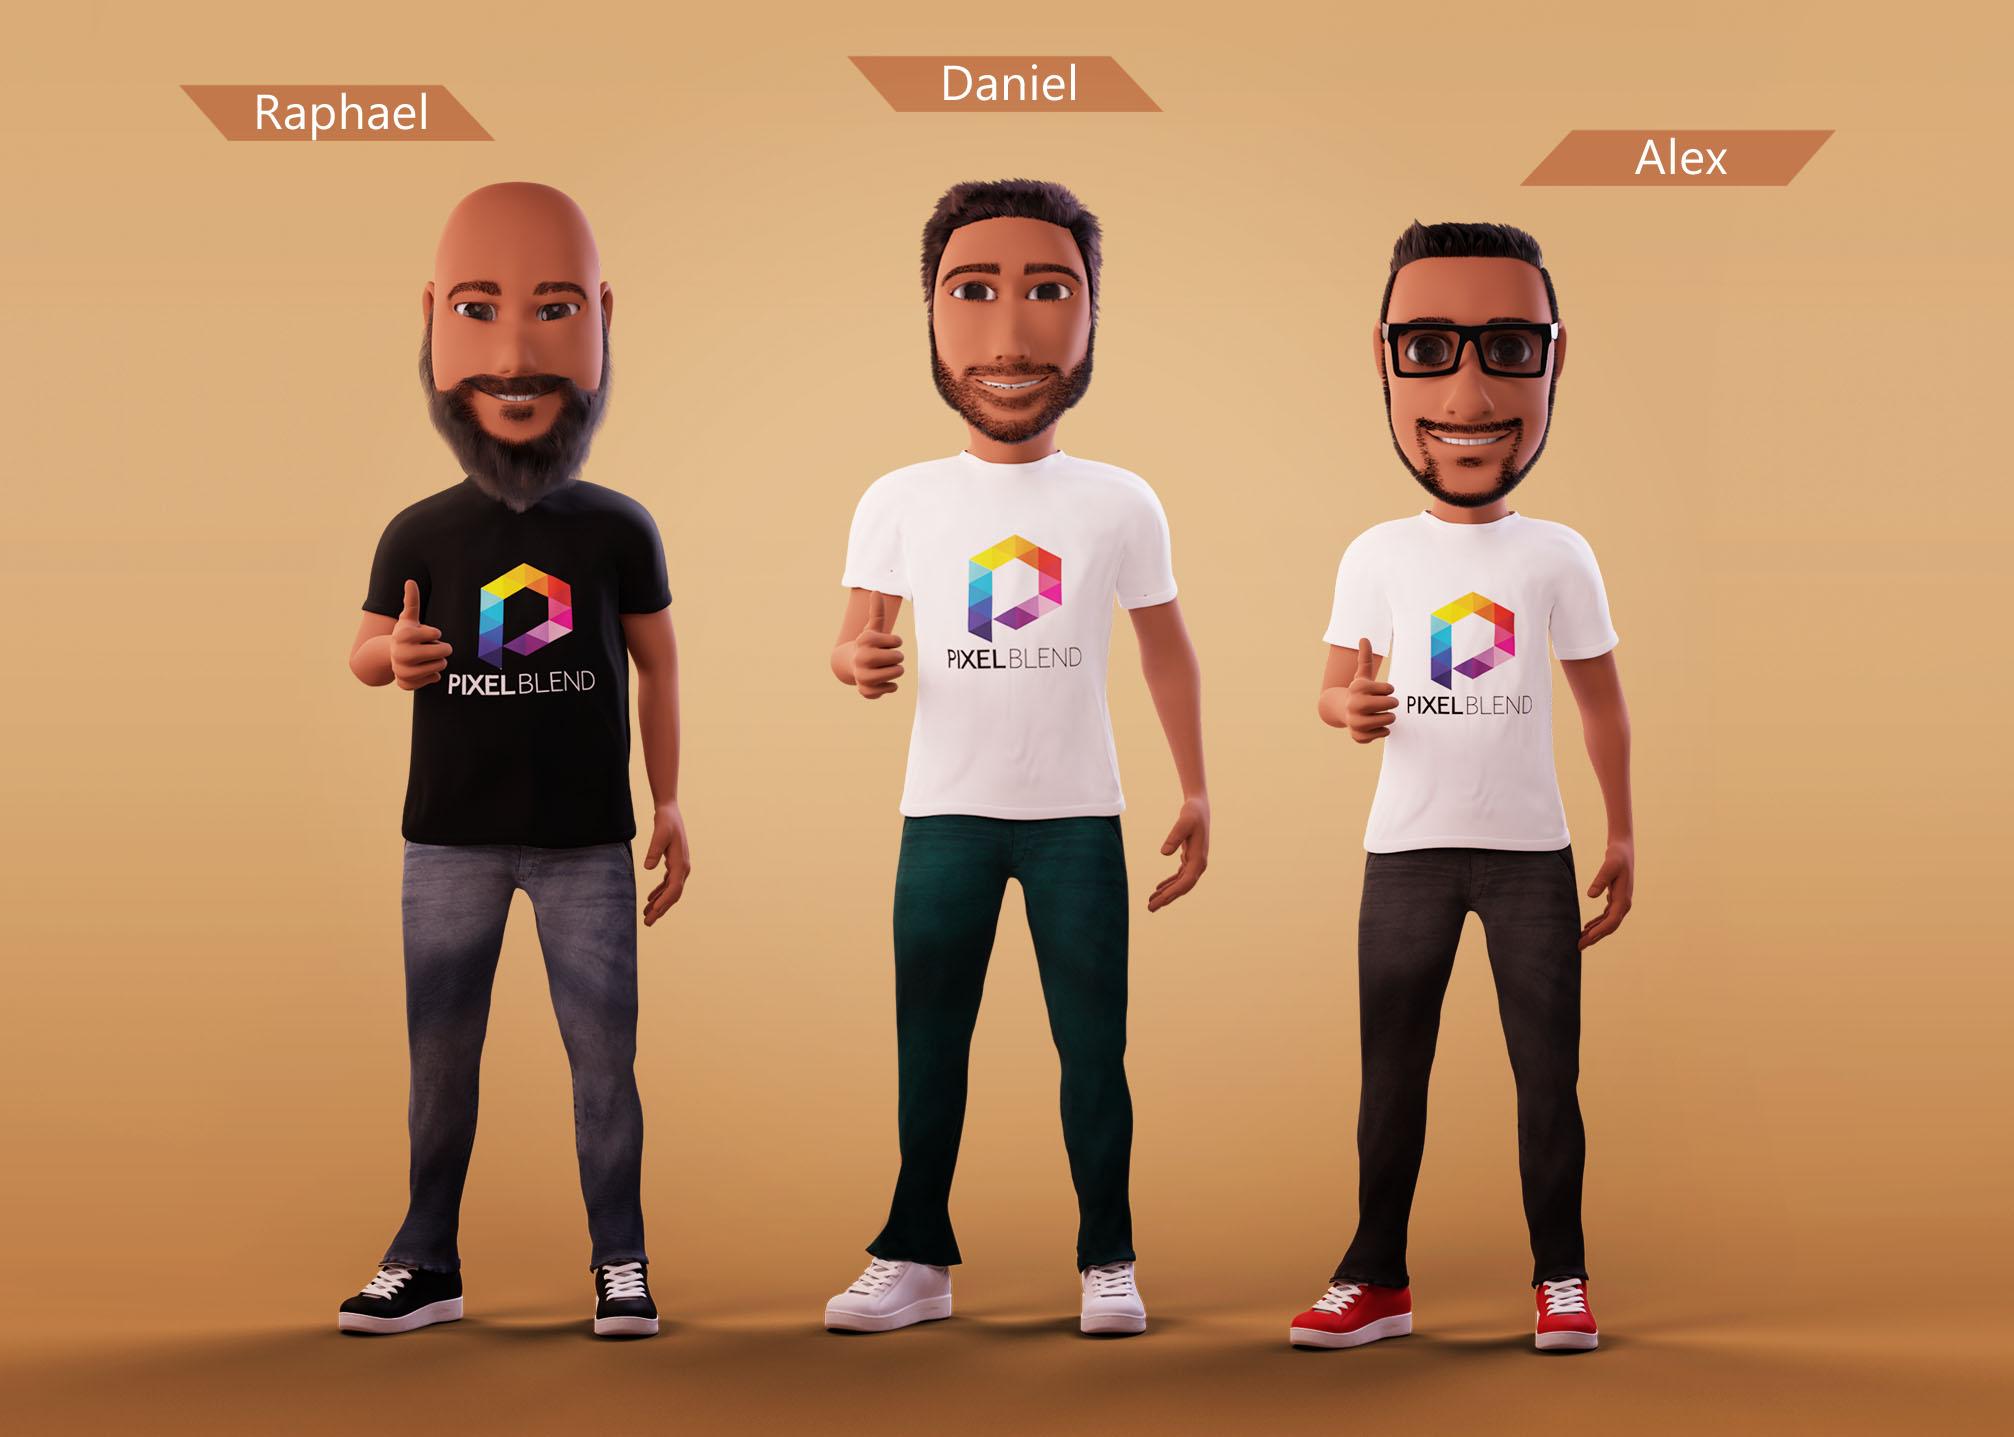 equipe-de-desenvolvedores-de-maquete-eletronica-3d